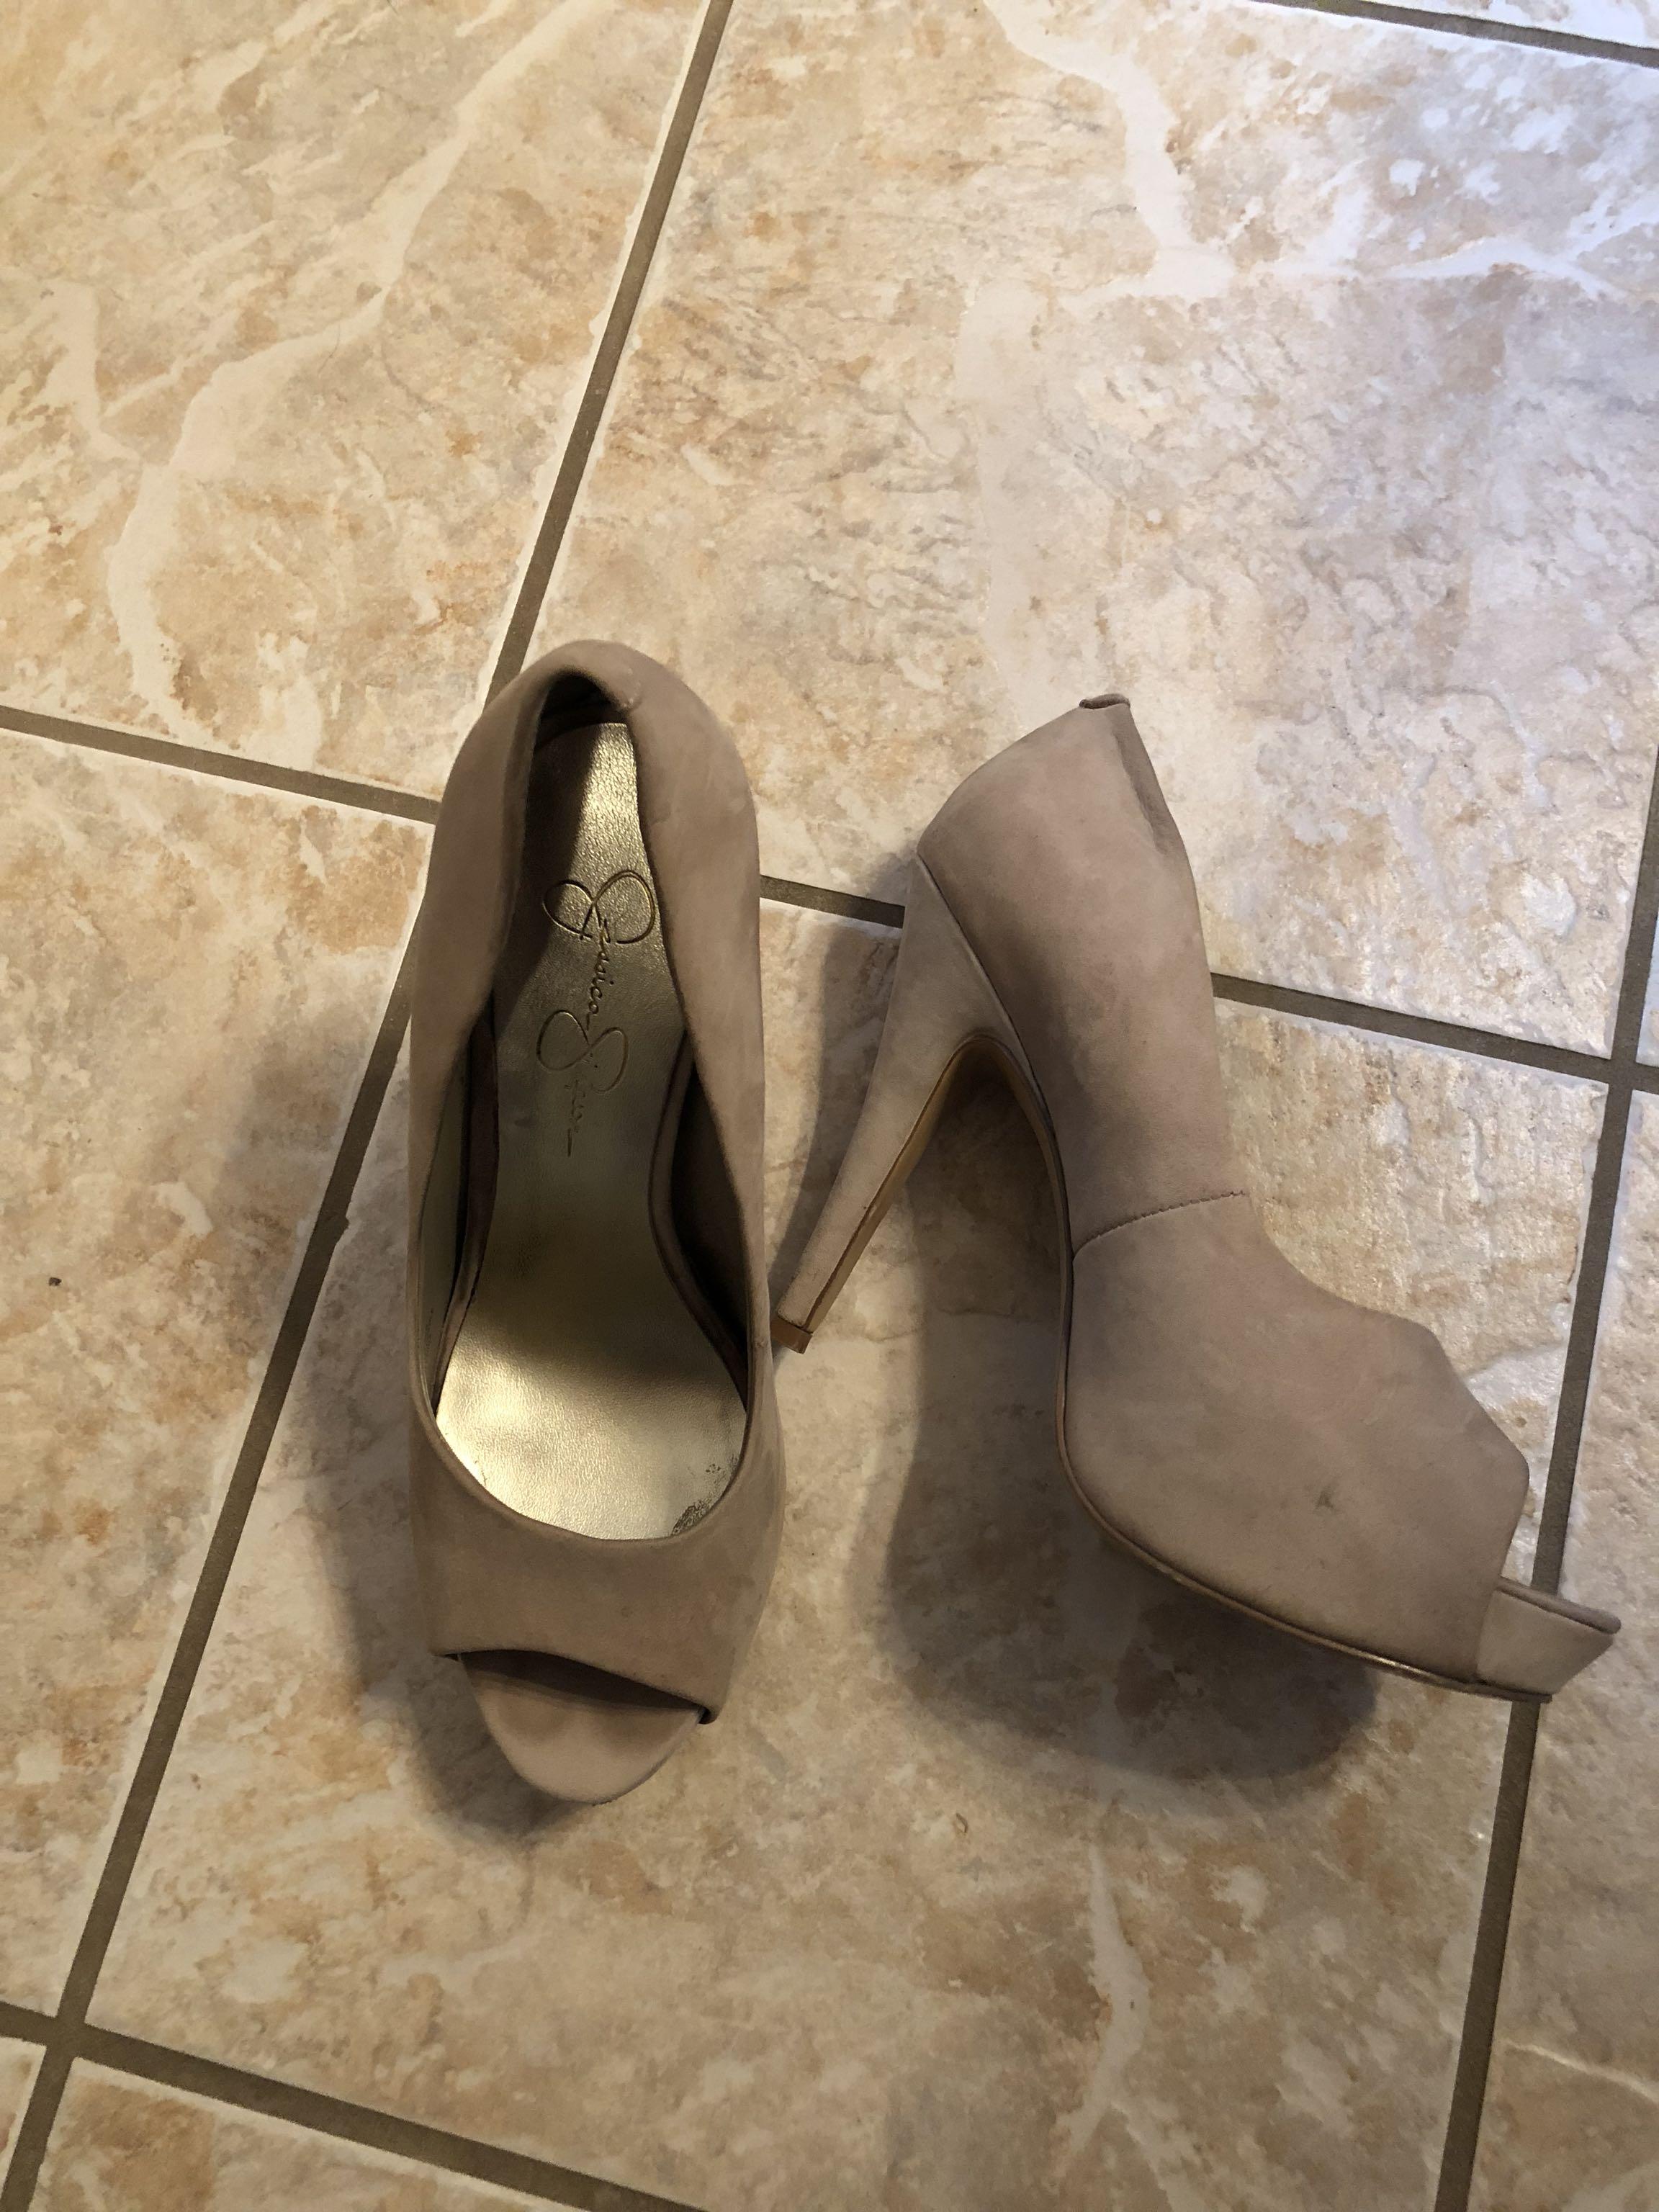 Jessica Simpson heels. Size 9